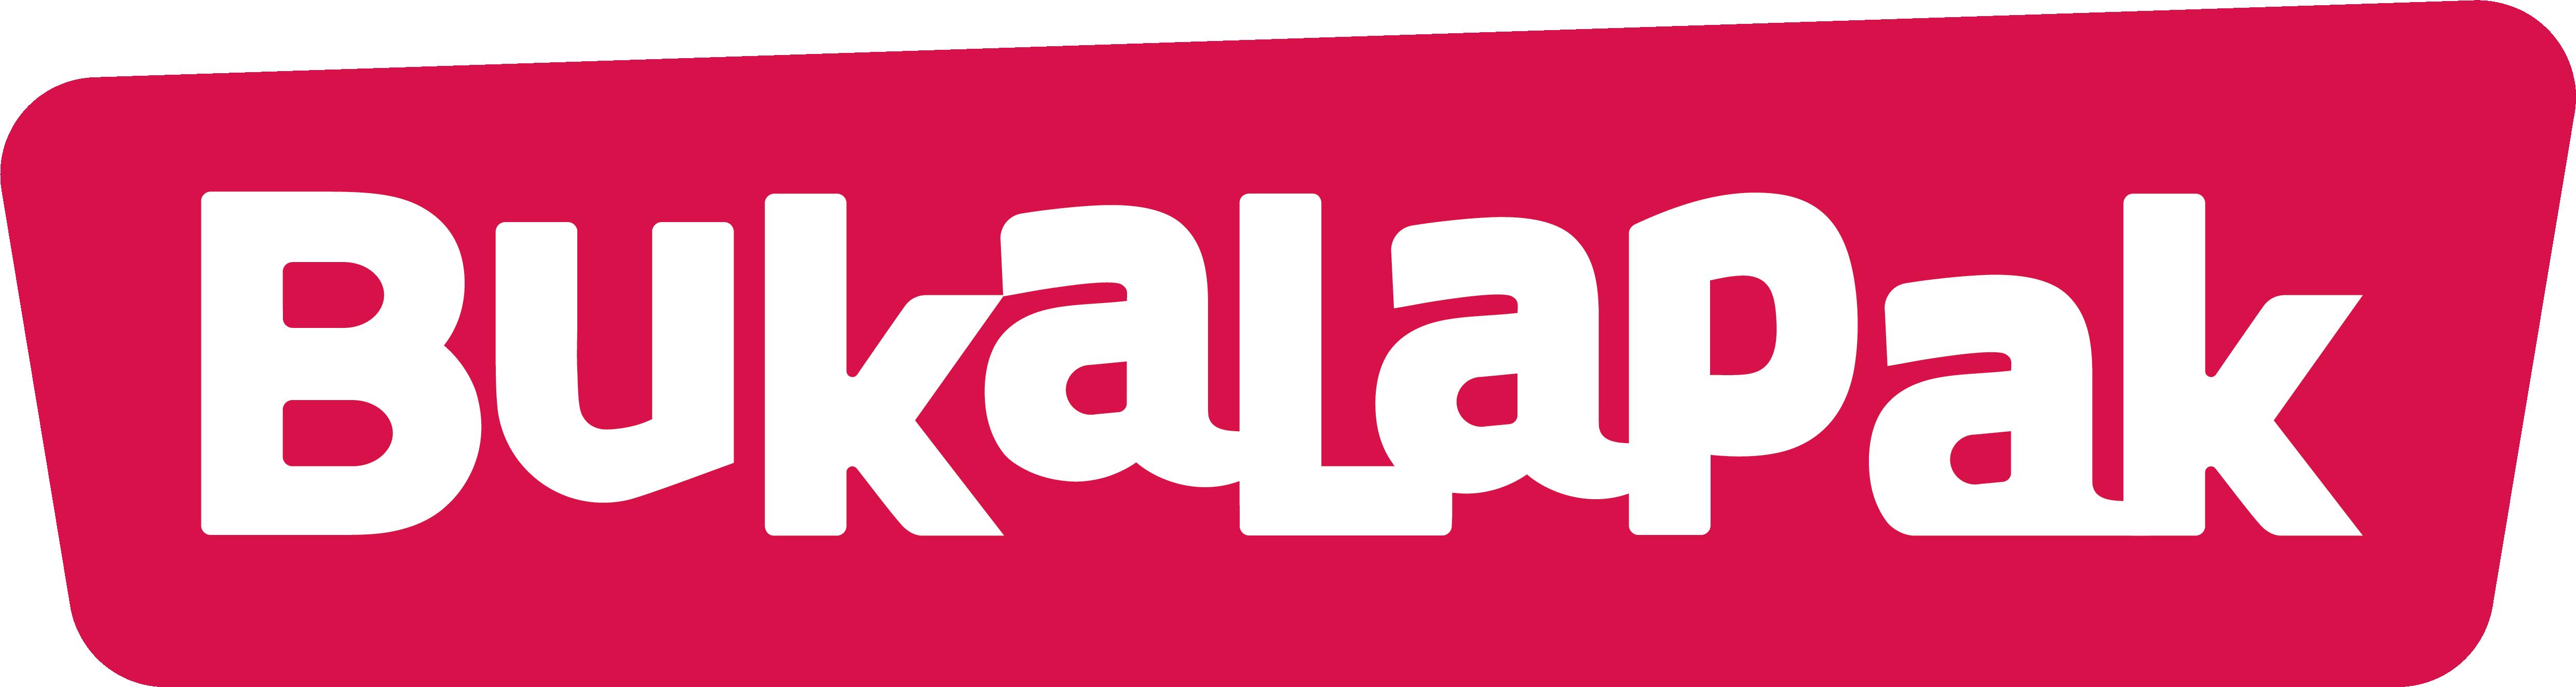 Bukalapak Logo